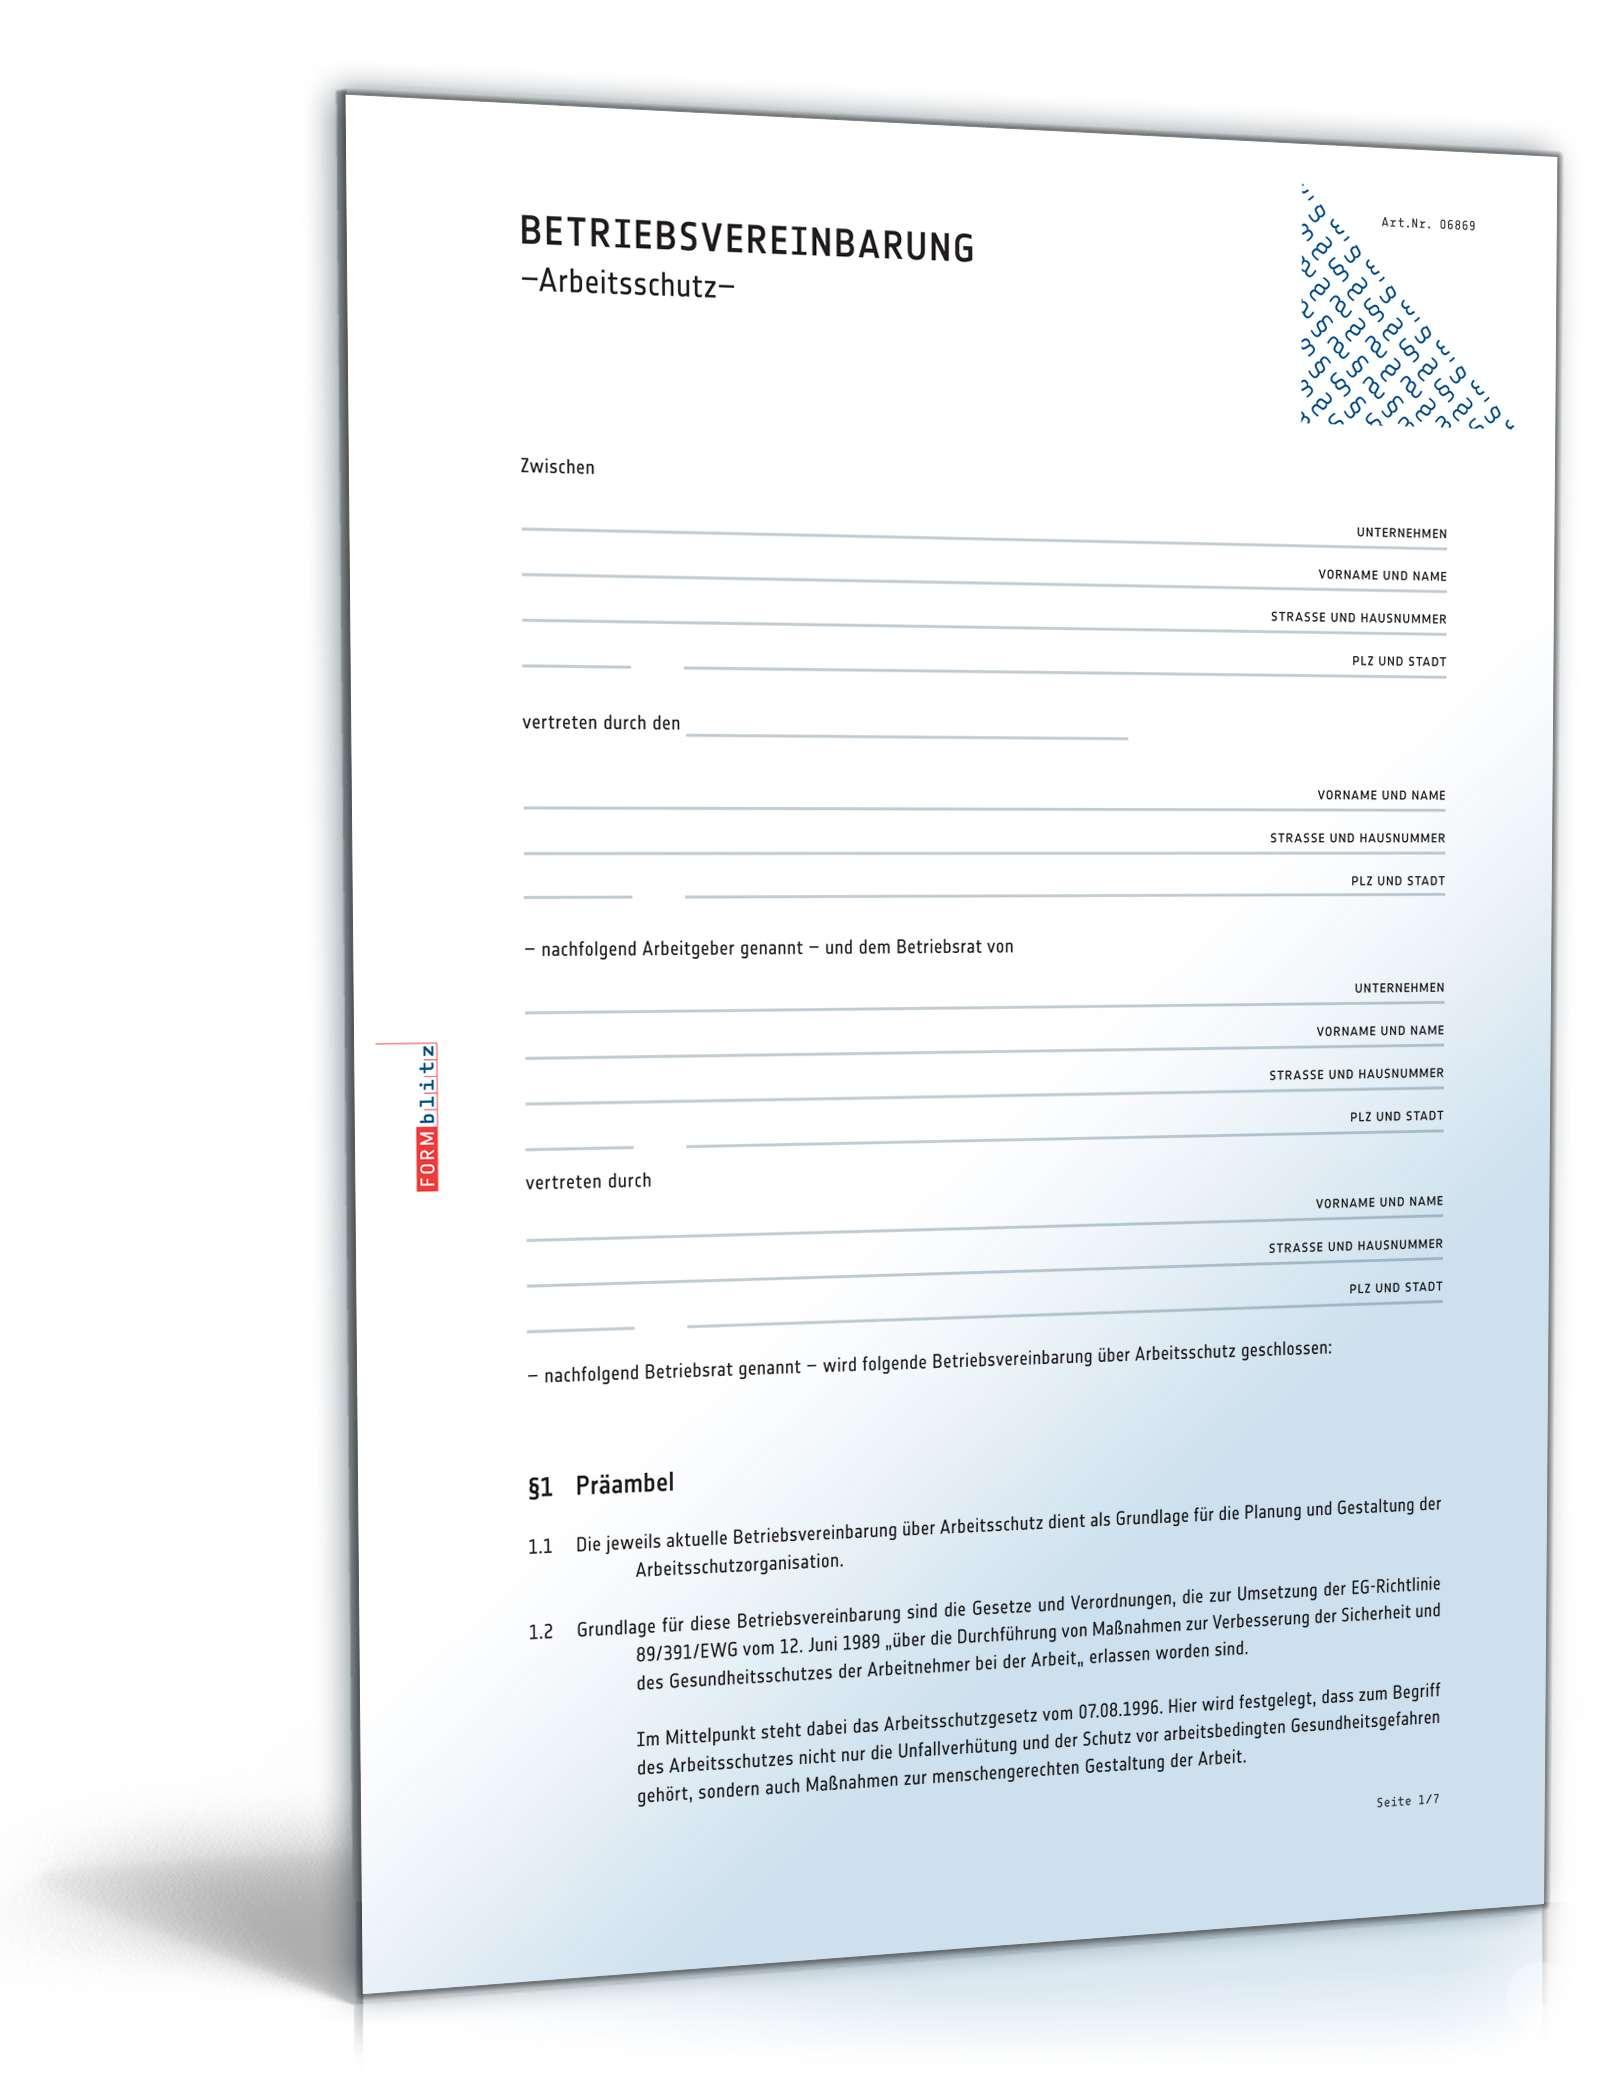 Betriebsvereinbarung Arbeitsschutz